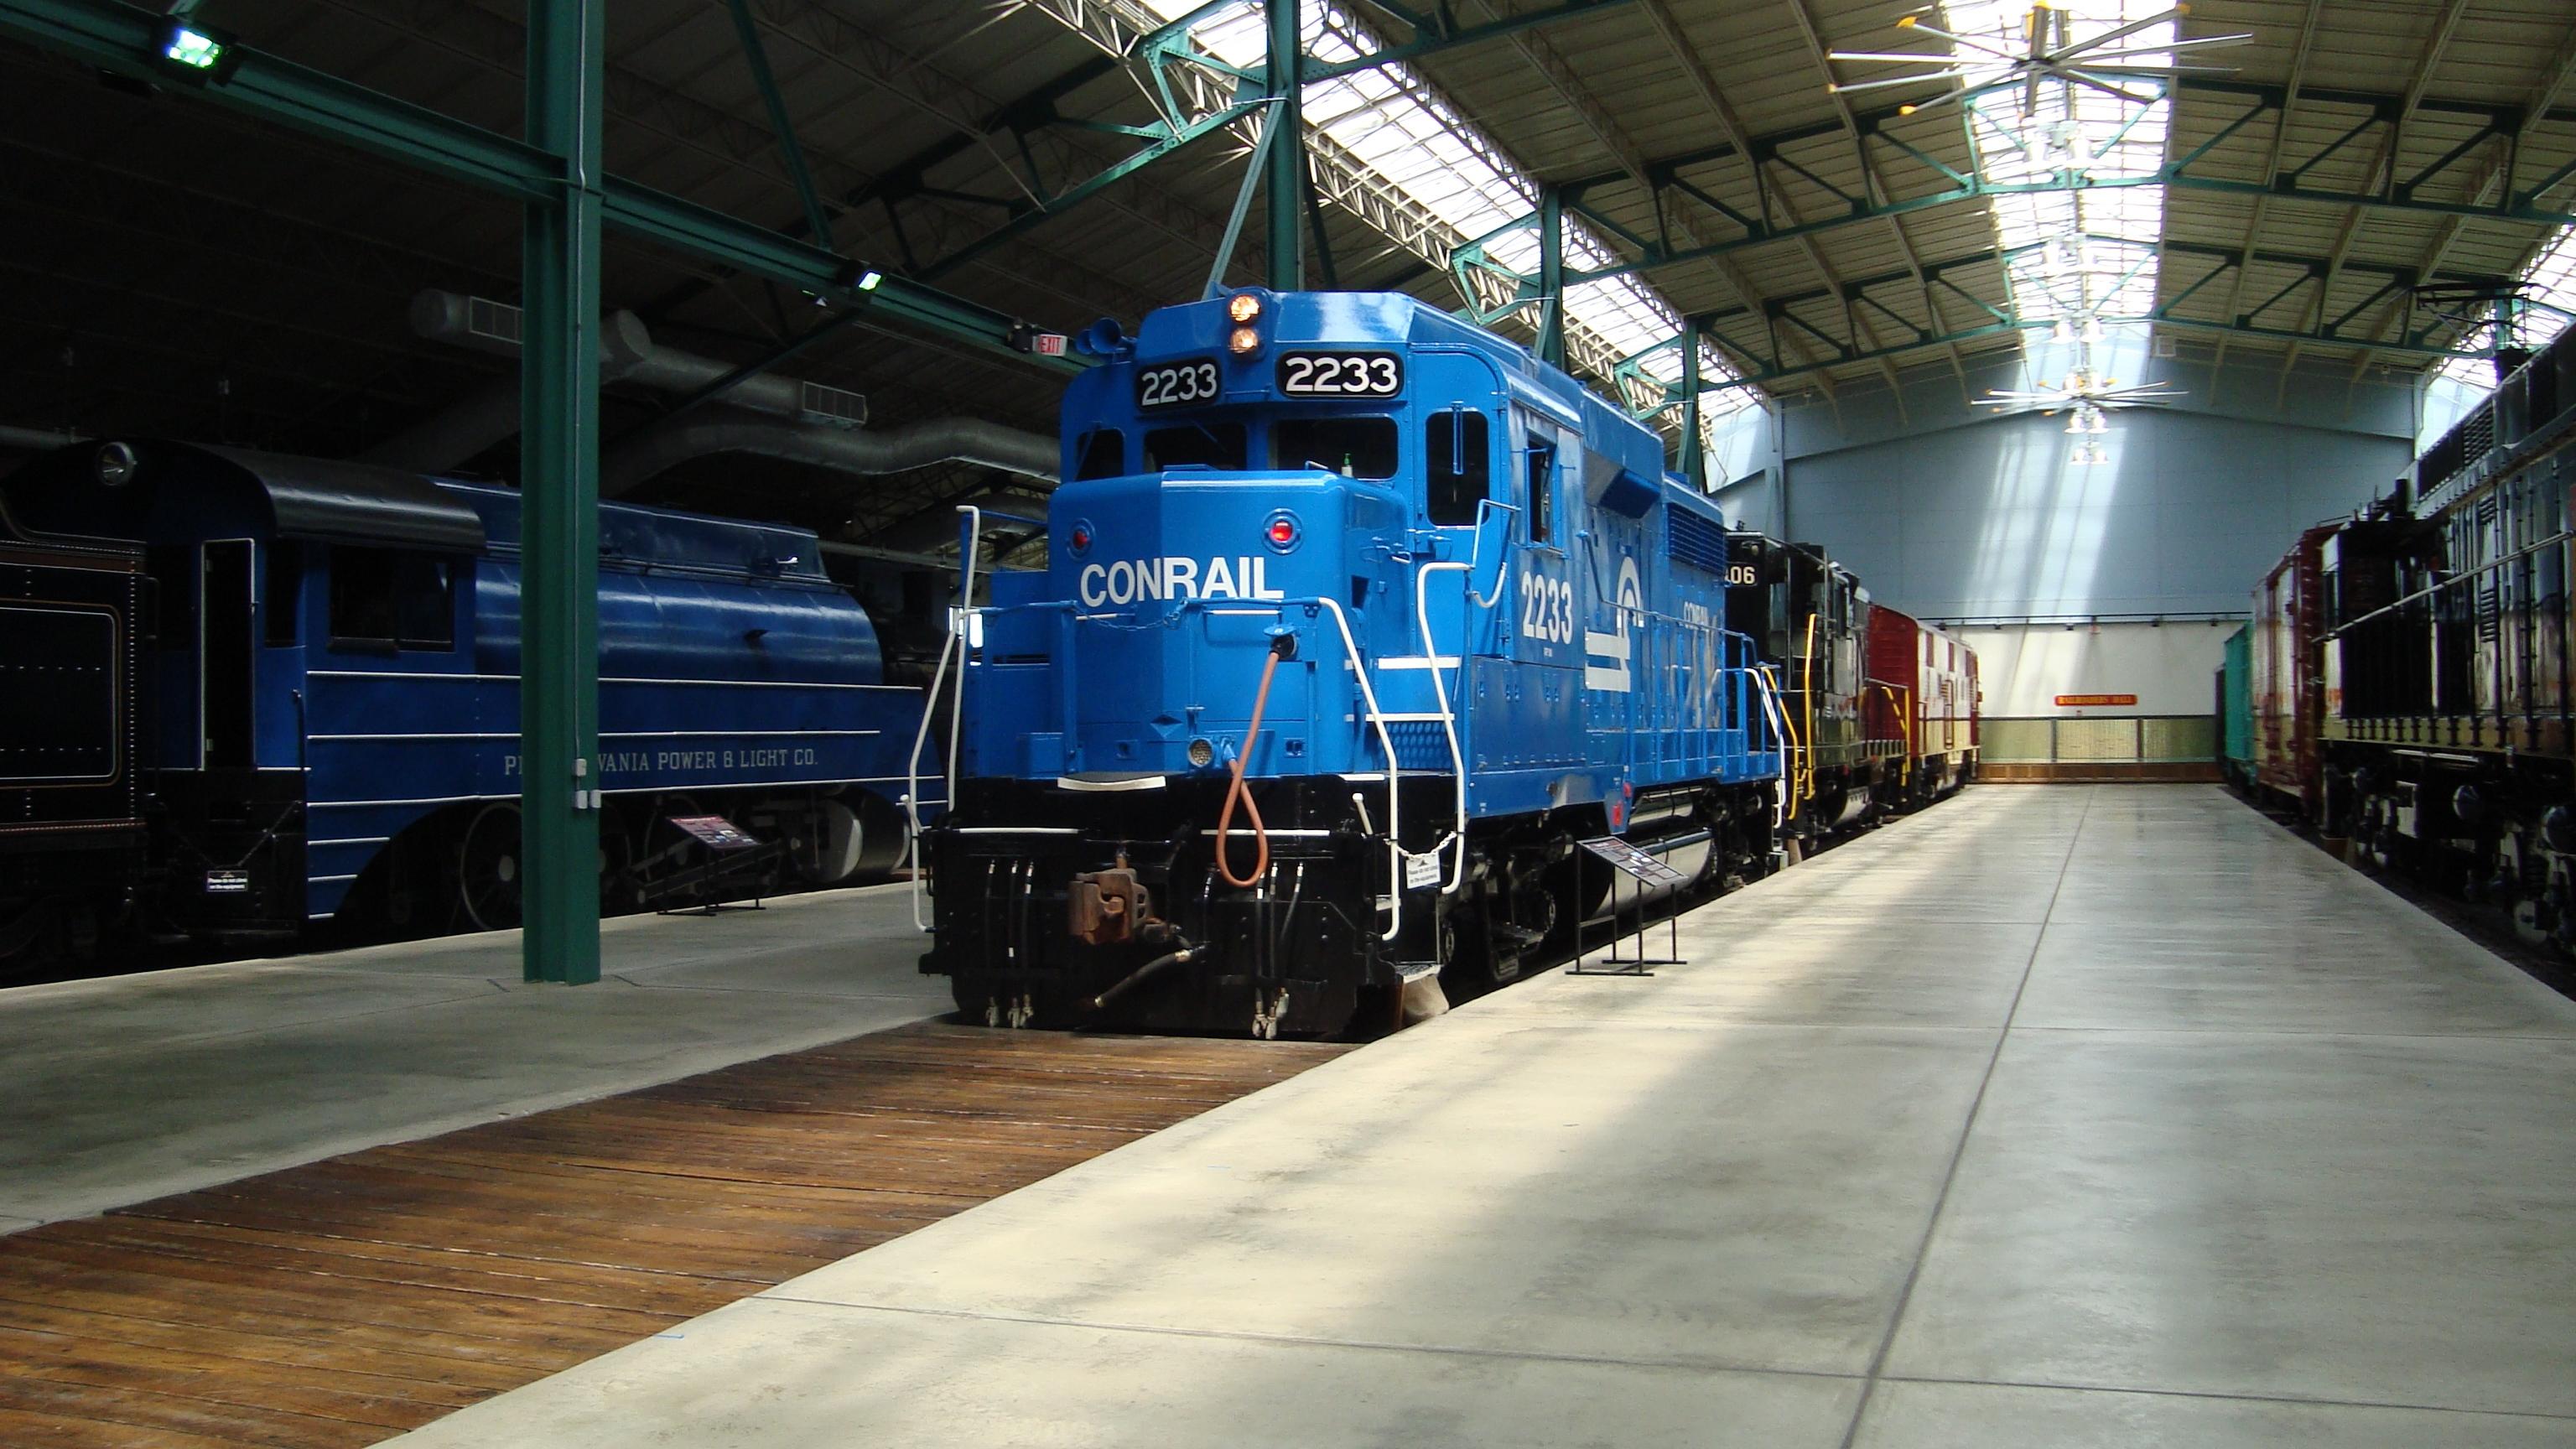 File:Conrail GP30 2233.JPG